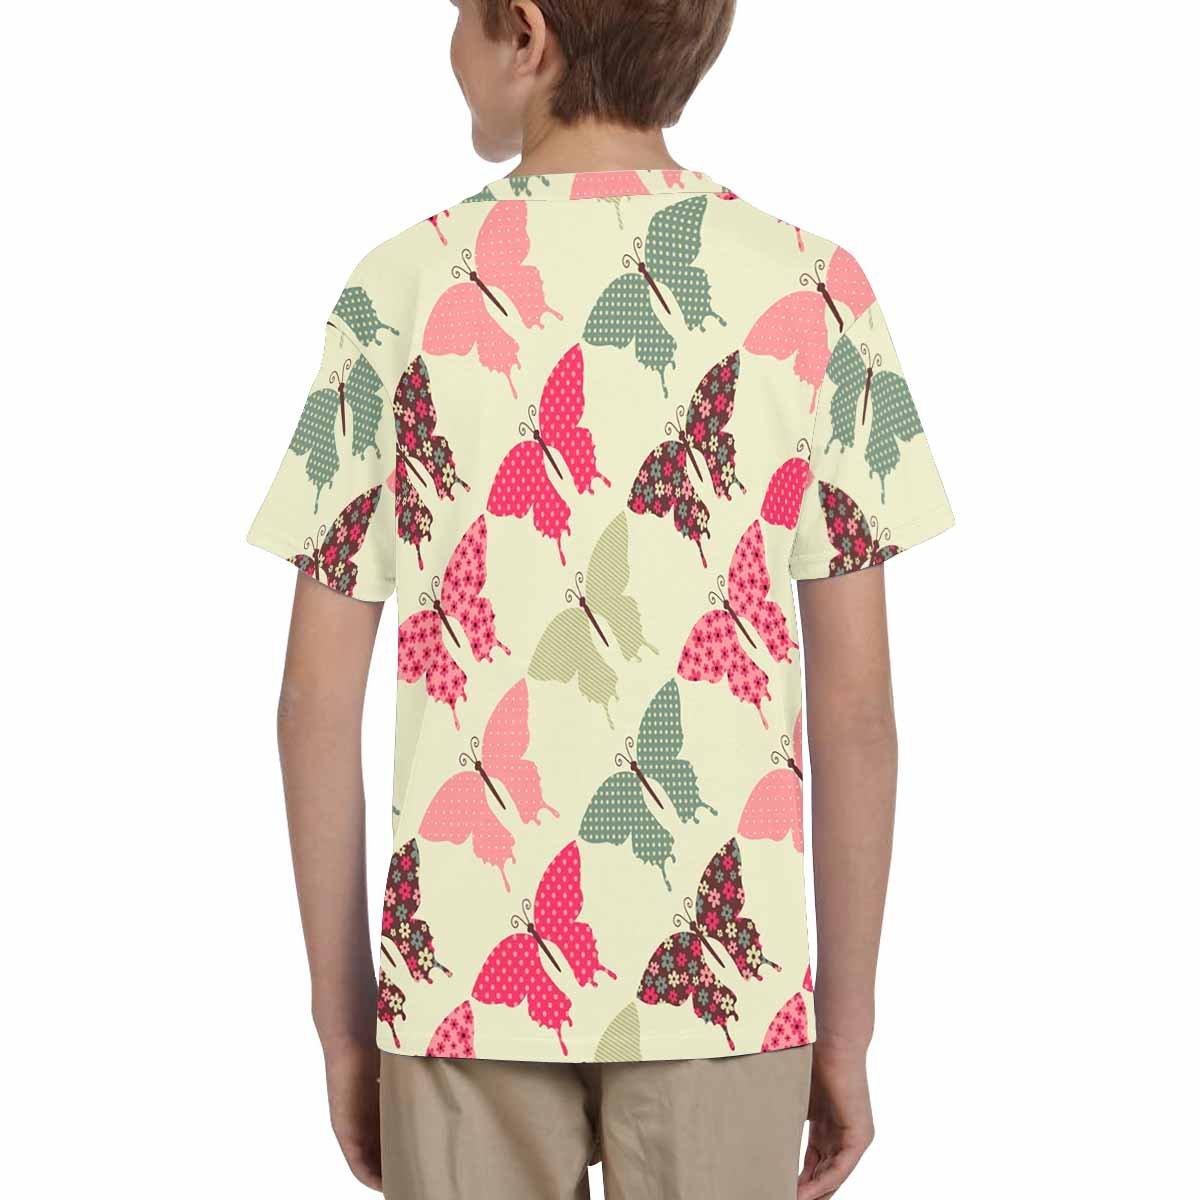 INTERESTPRINT Childs T-Shirt Butterflies XS-XL